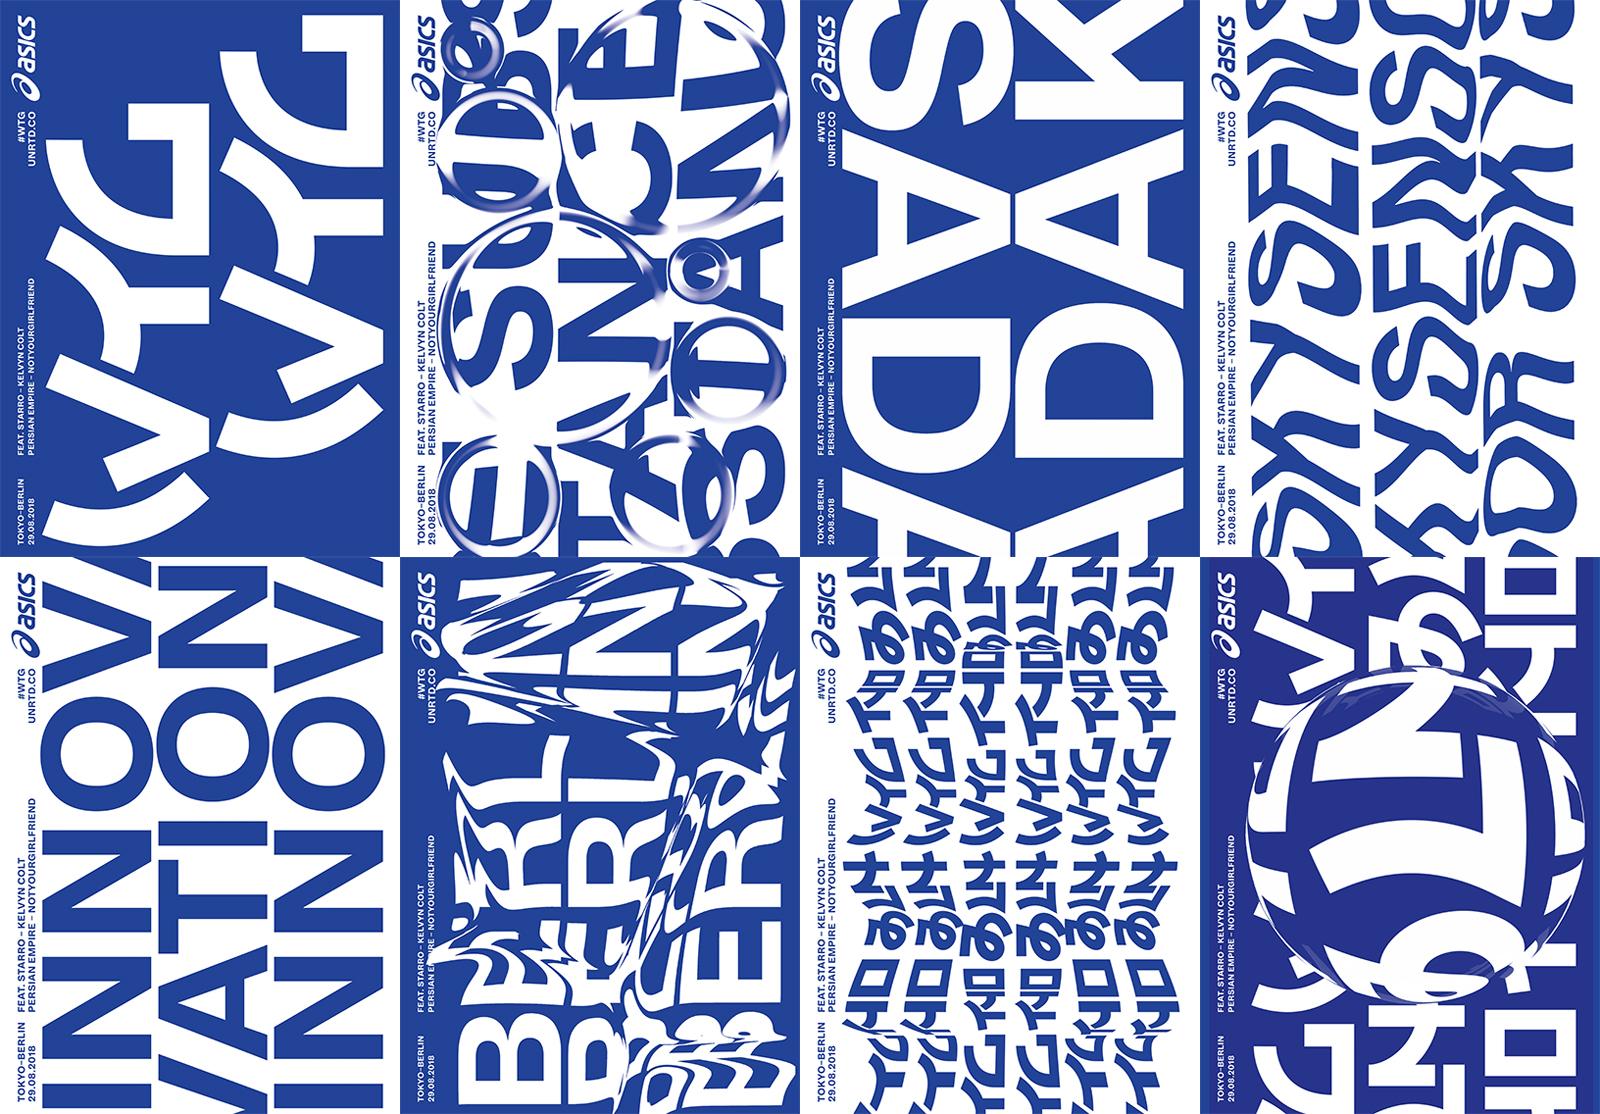 WTG_berlin_compo_poster.jpg